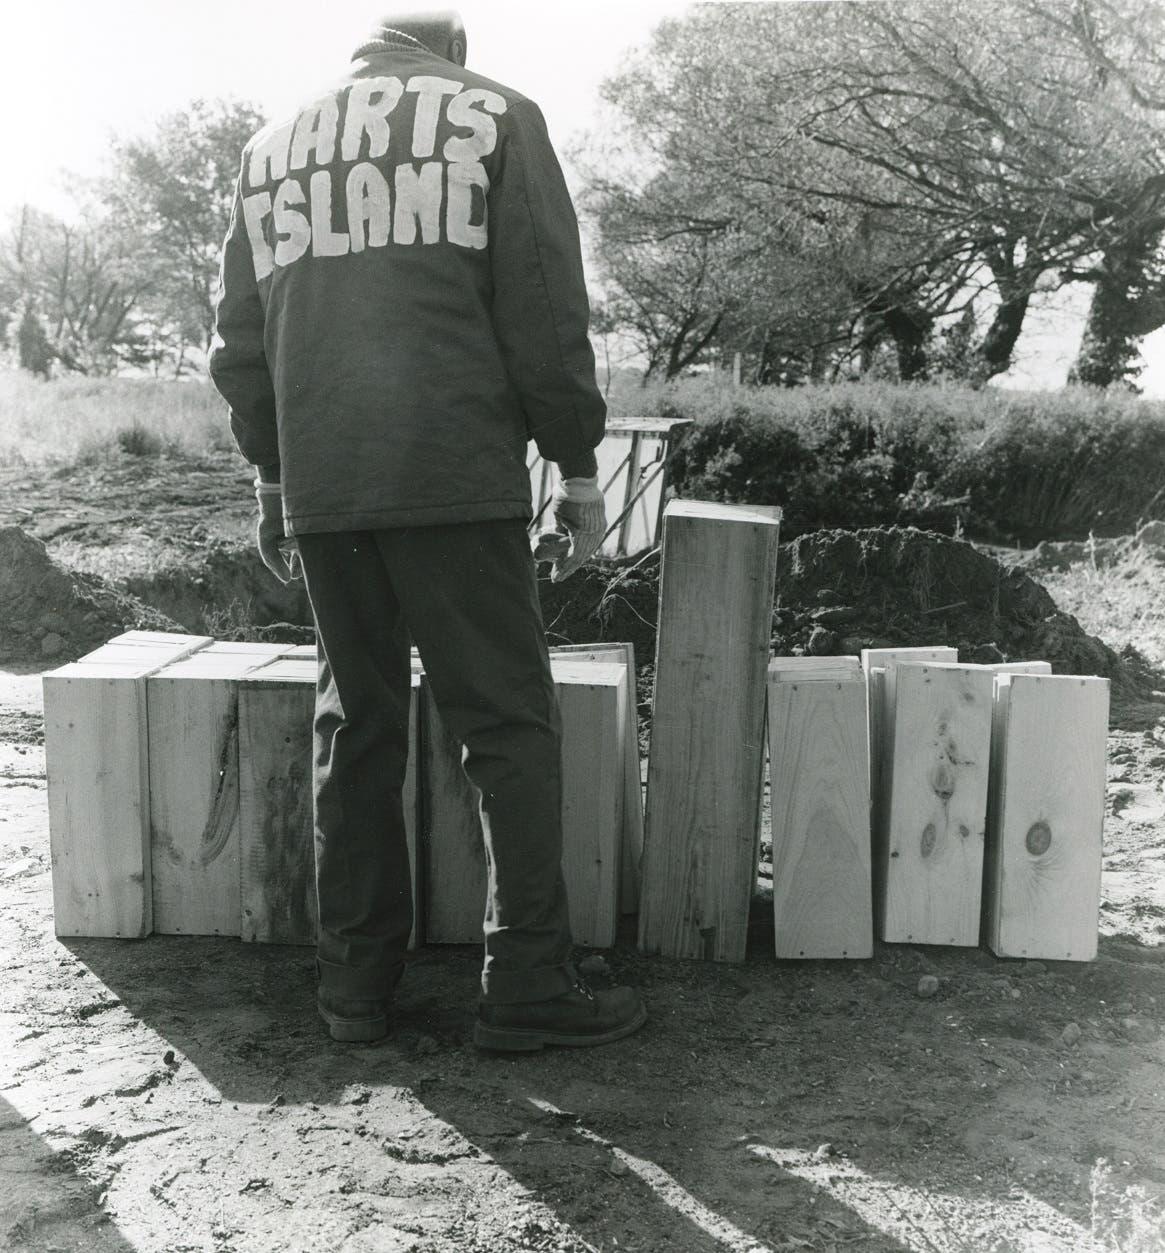 صورة لعملية دفن جثث أطفال أصيبوا بالإيدز بجزيرة هارت آيلاند عام 1991